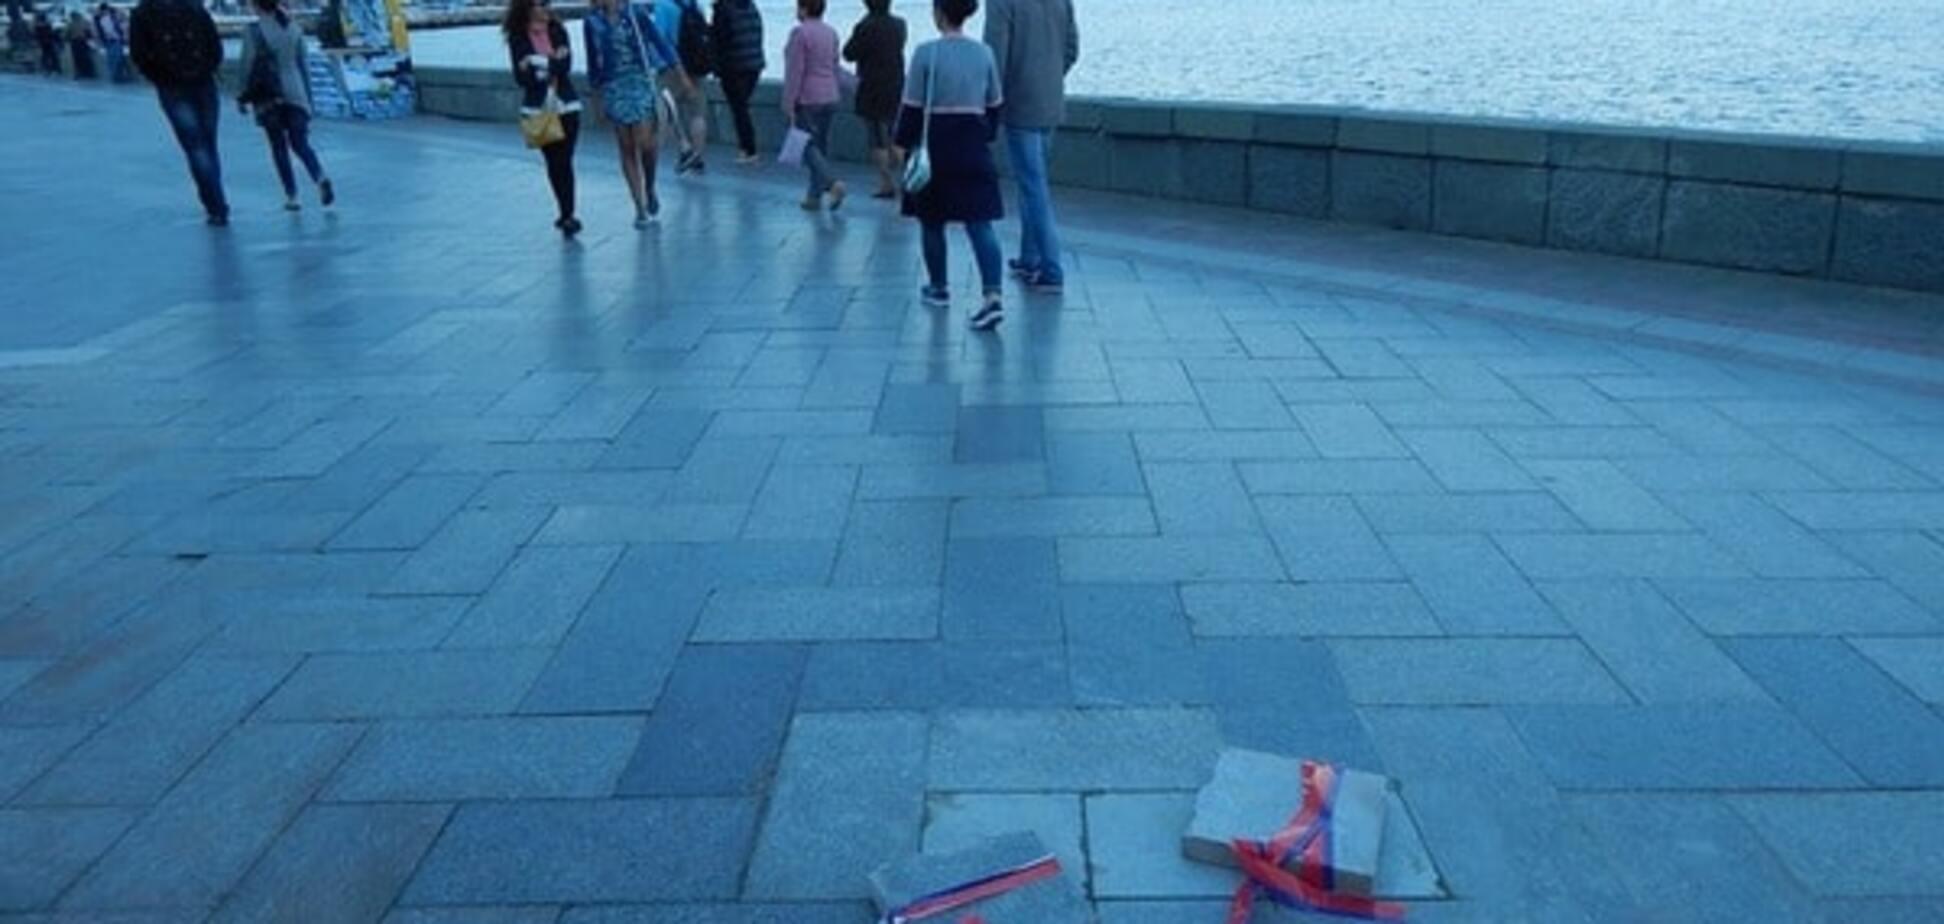 Забота по-русски: в Ялте на берегу моря заметили 'наборы утопленников'. Фотофакт